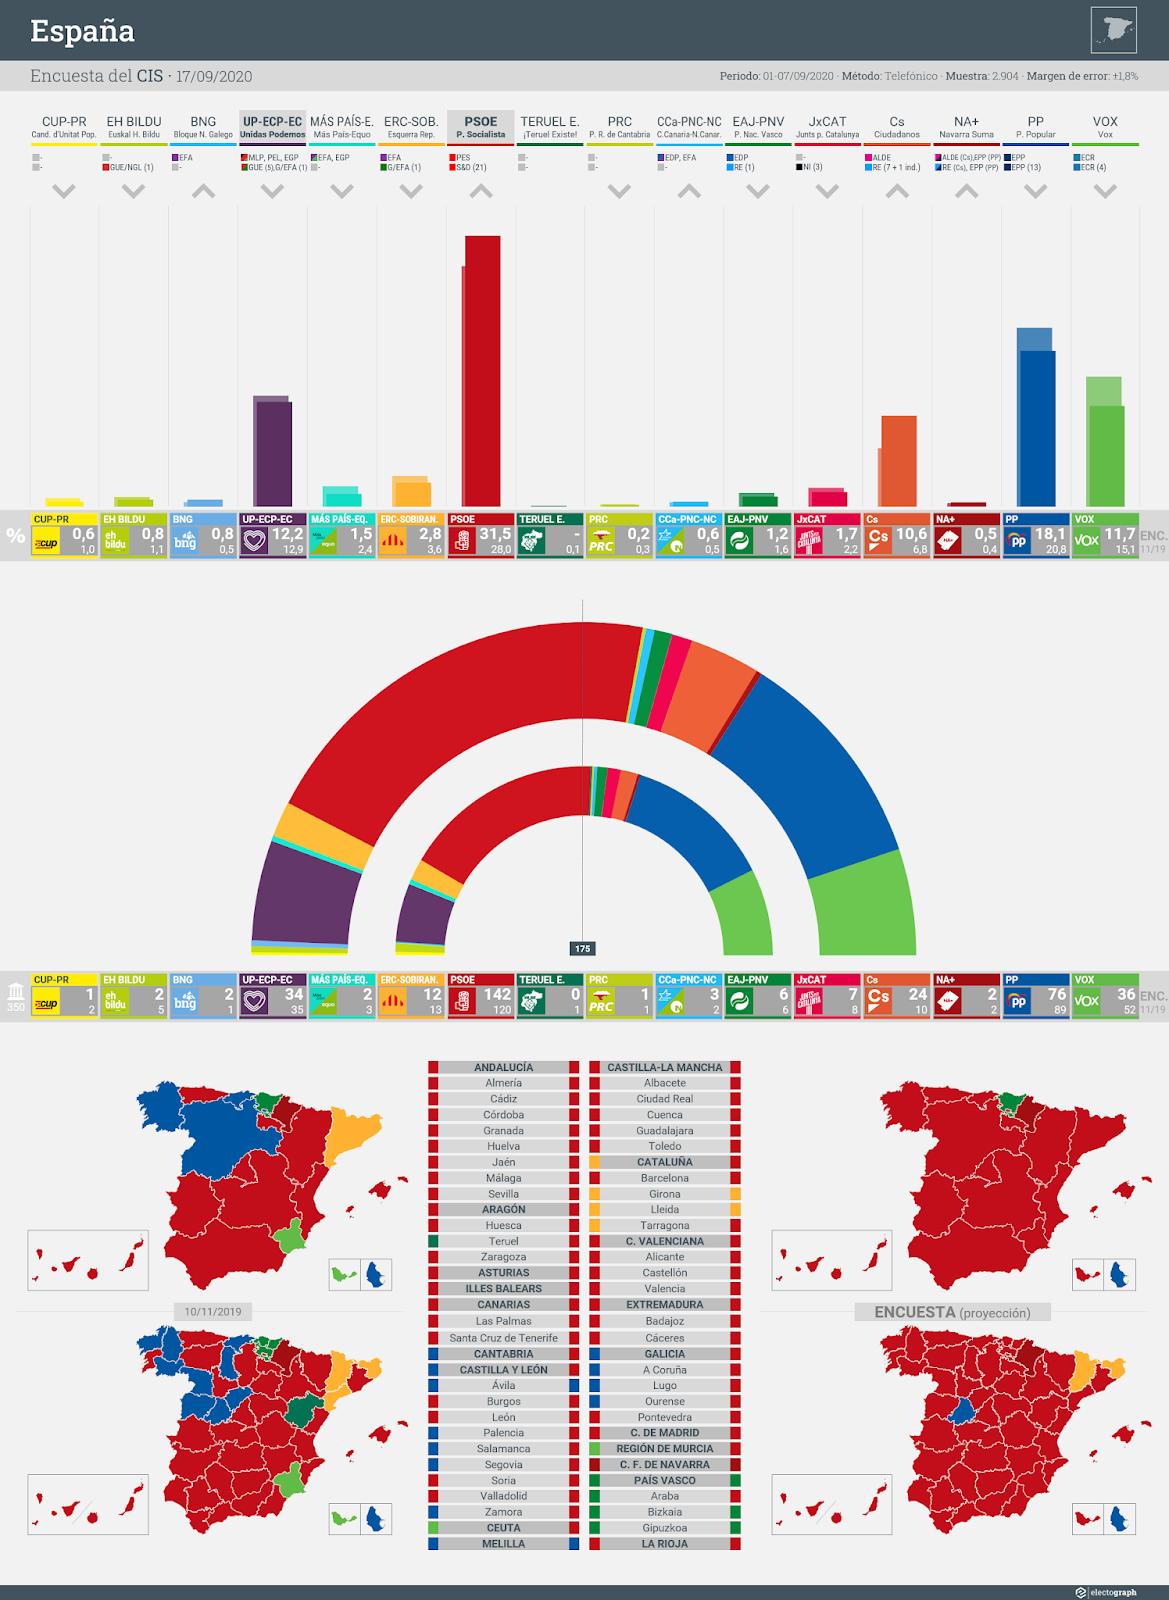 Gráfico de la encuesta para elecciones generales en España realizada por el CIS, 17 de septiembre de 2020